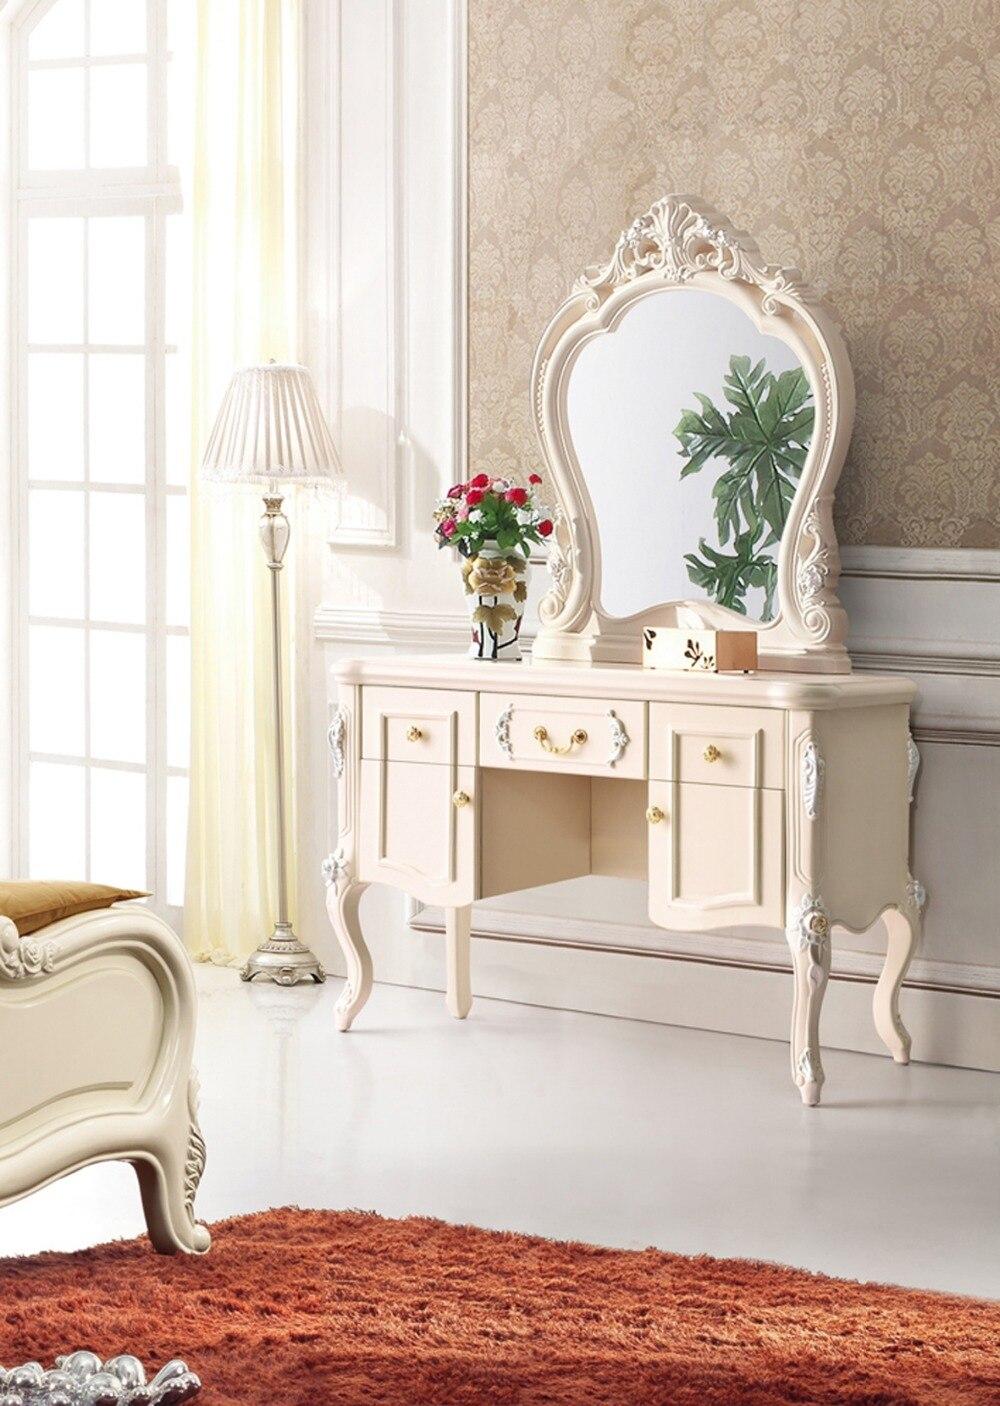 comprar juego de dormitorio moderno de alta clase de estilo europeo con tallada a mano de madera maciza